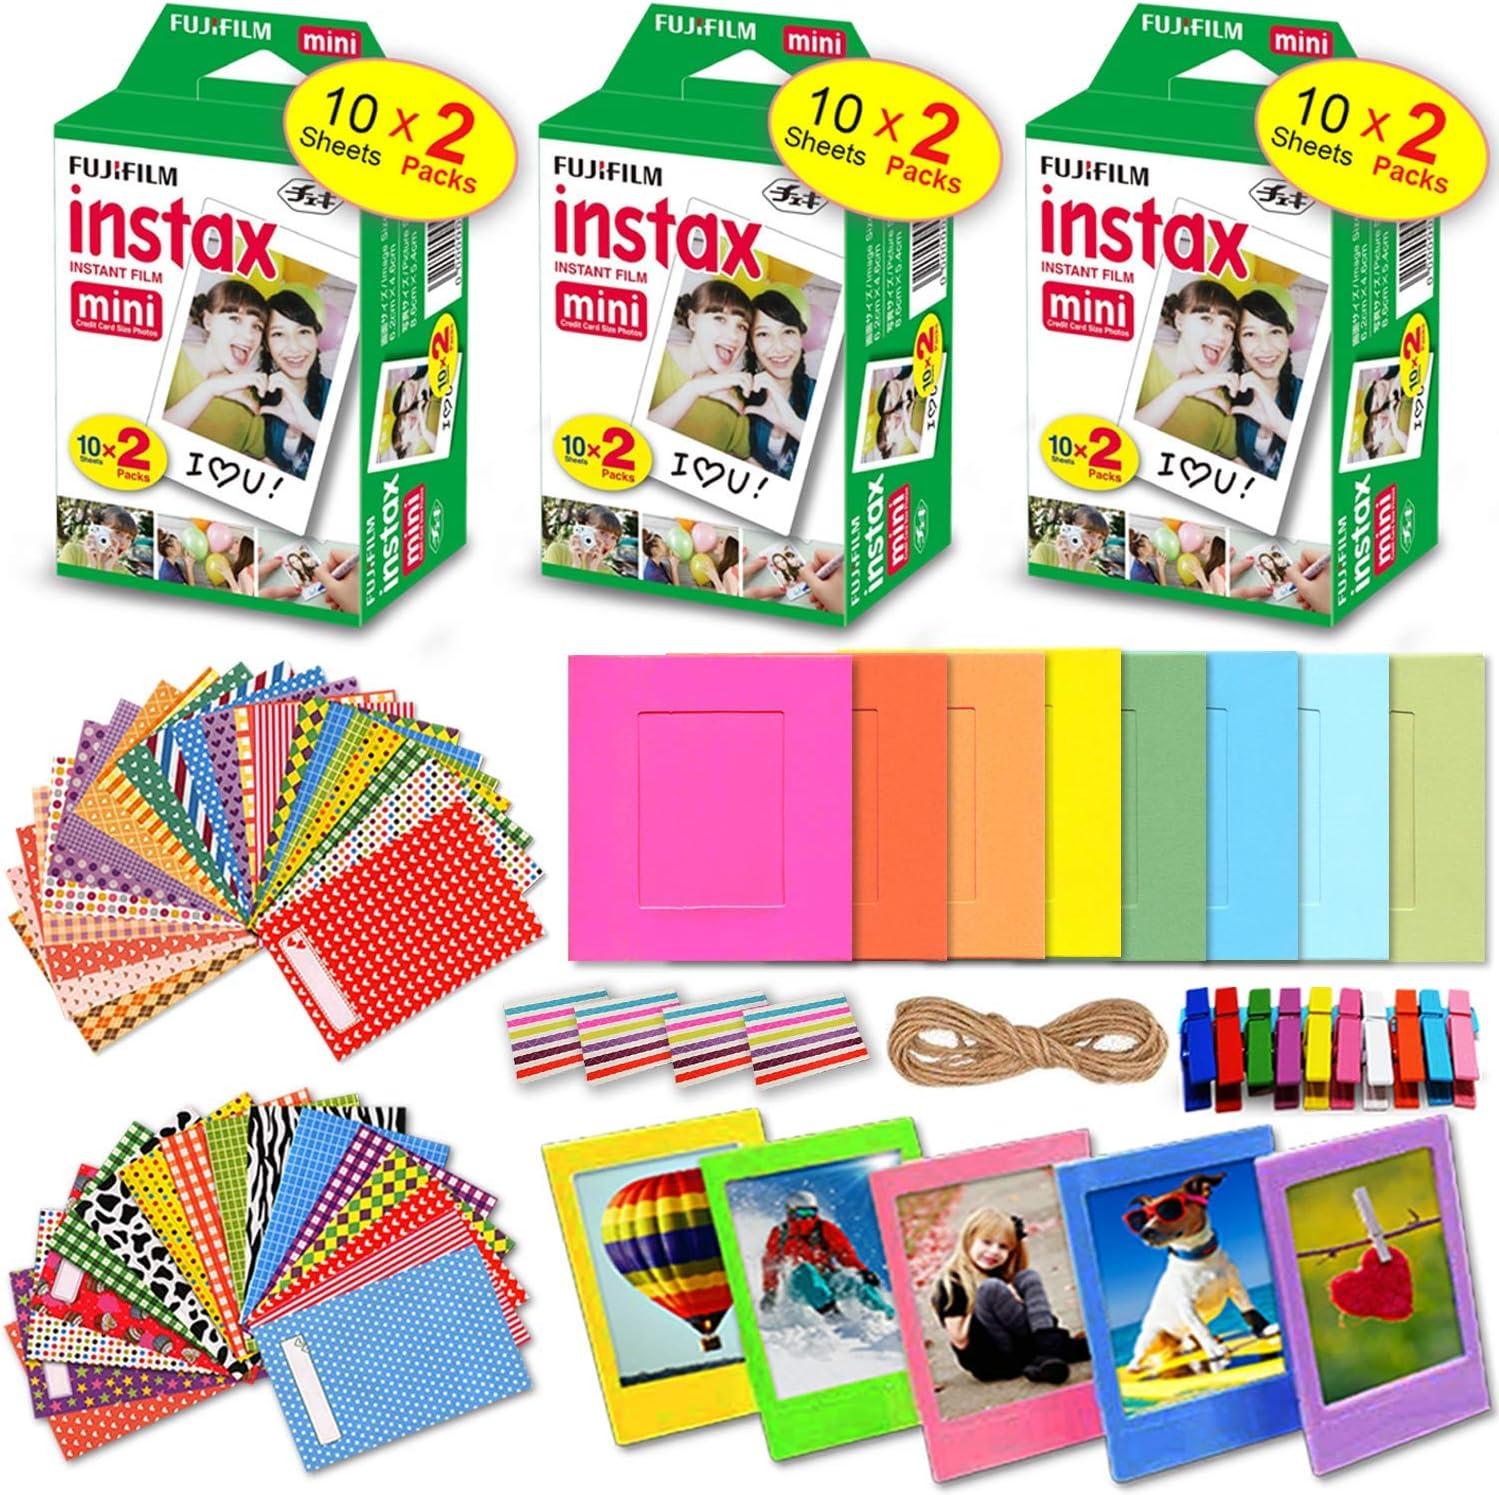 XTECH Kit de accesorios para Fujifilm Instax Mini 9/8 Cámara incluye: 3 x Fujifilm Instax Mini película Pack (60 hojas total), 60 colores Mini 9 adhesivo Marcos, colorido plástico y Marcos de